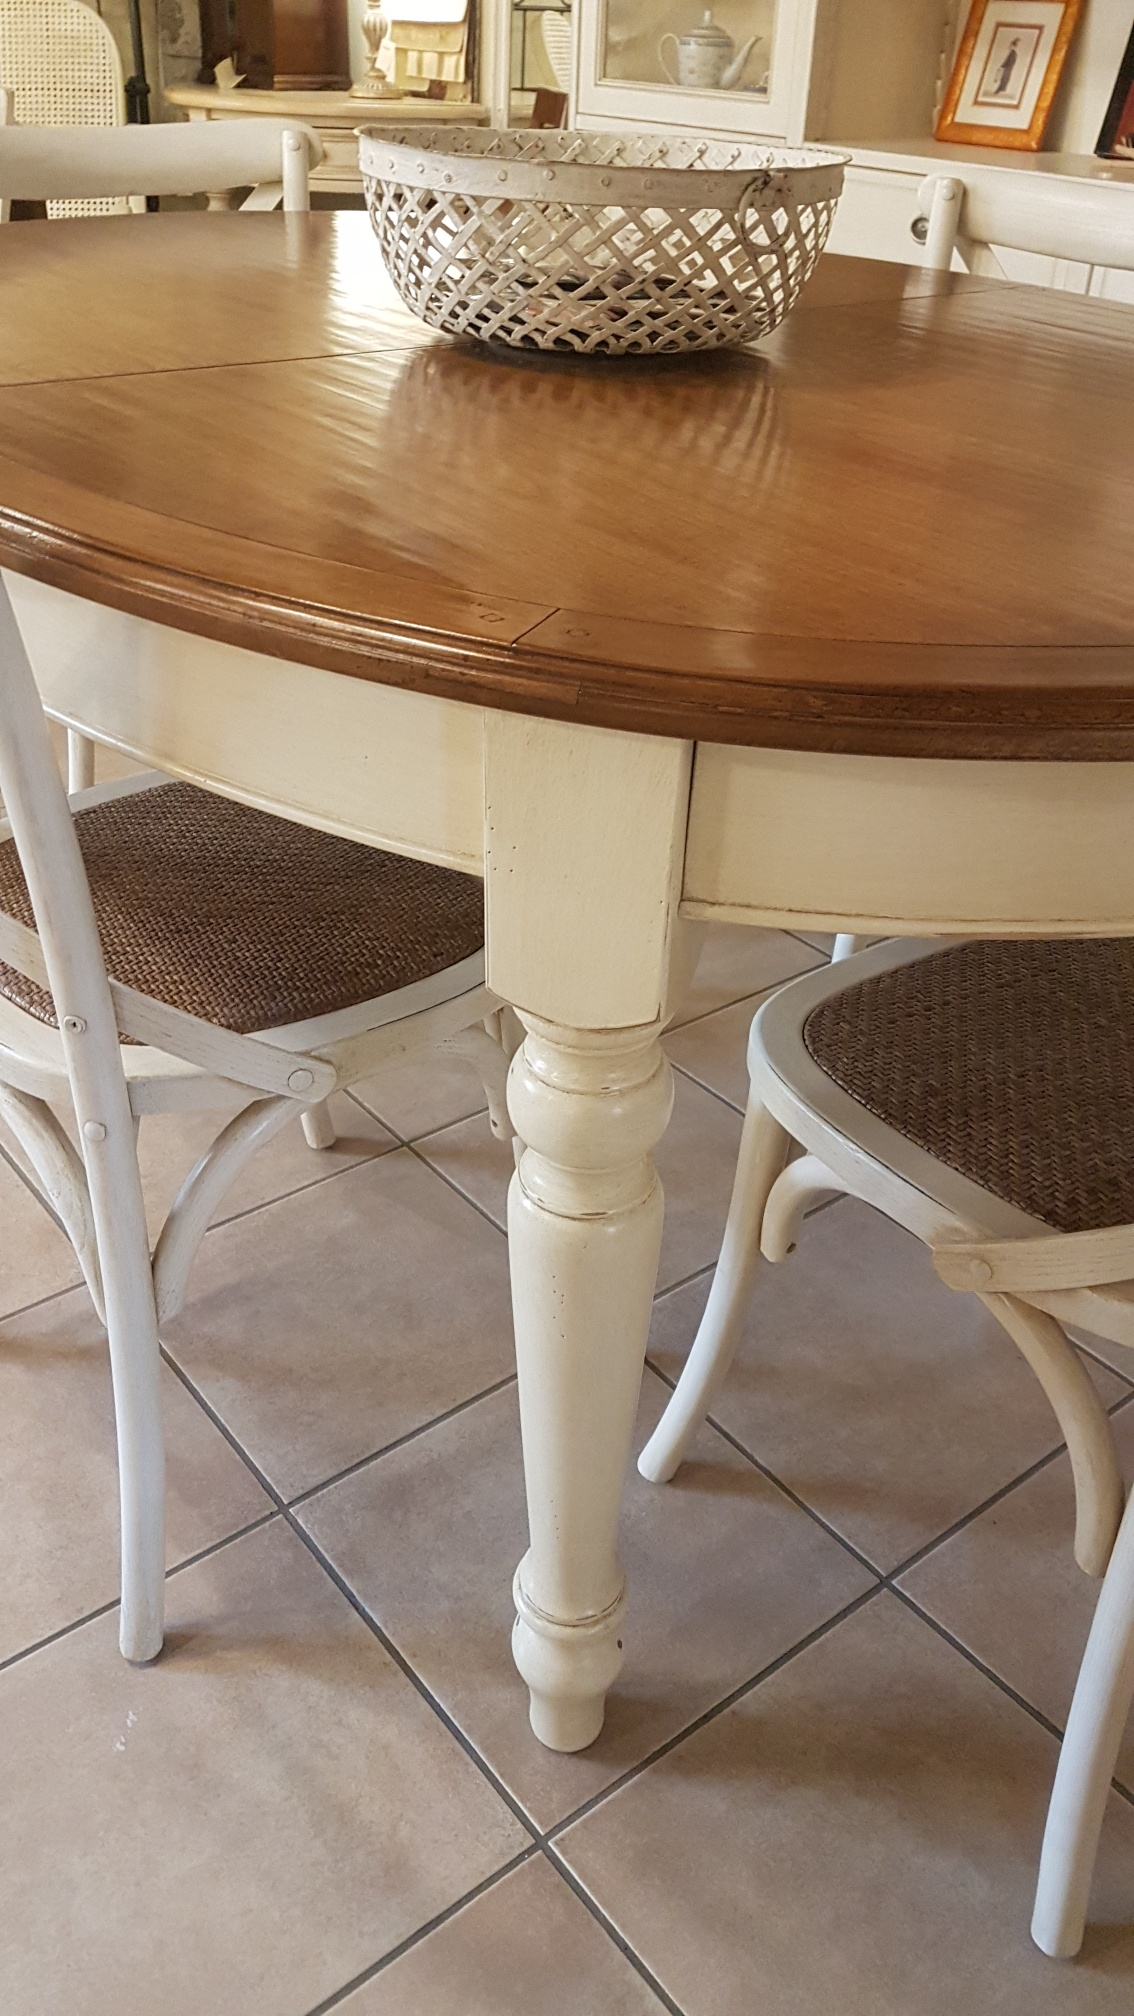 Arredamento contemporaneo mobili country su misura siena firenze tavolo ovale allungabile - Piano tavolo su misura ...